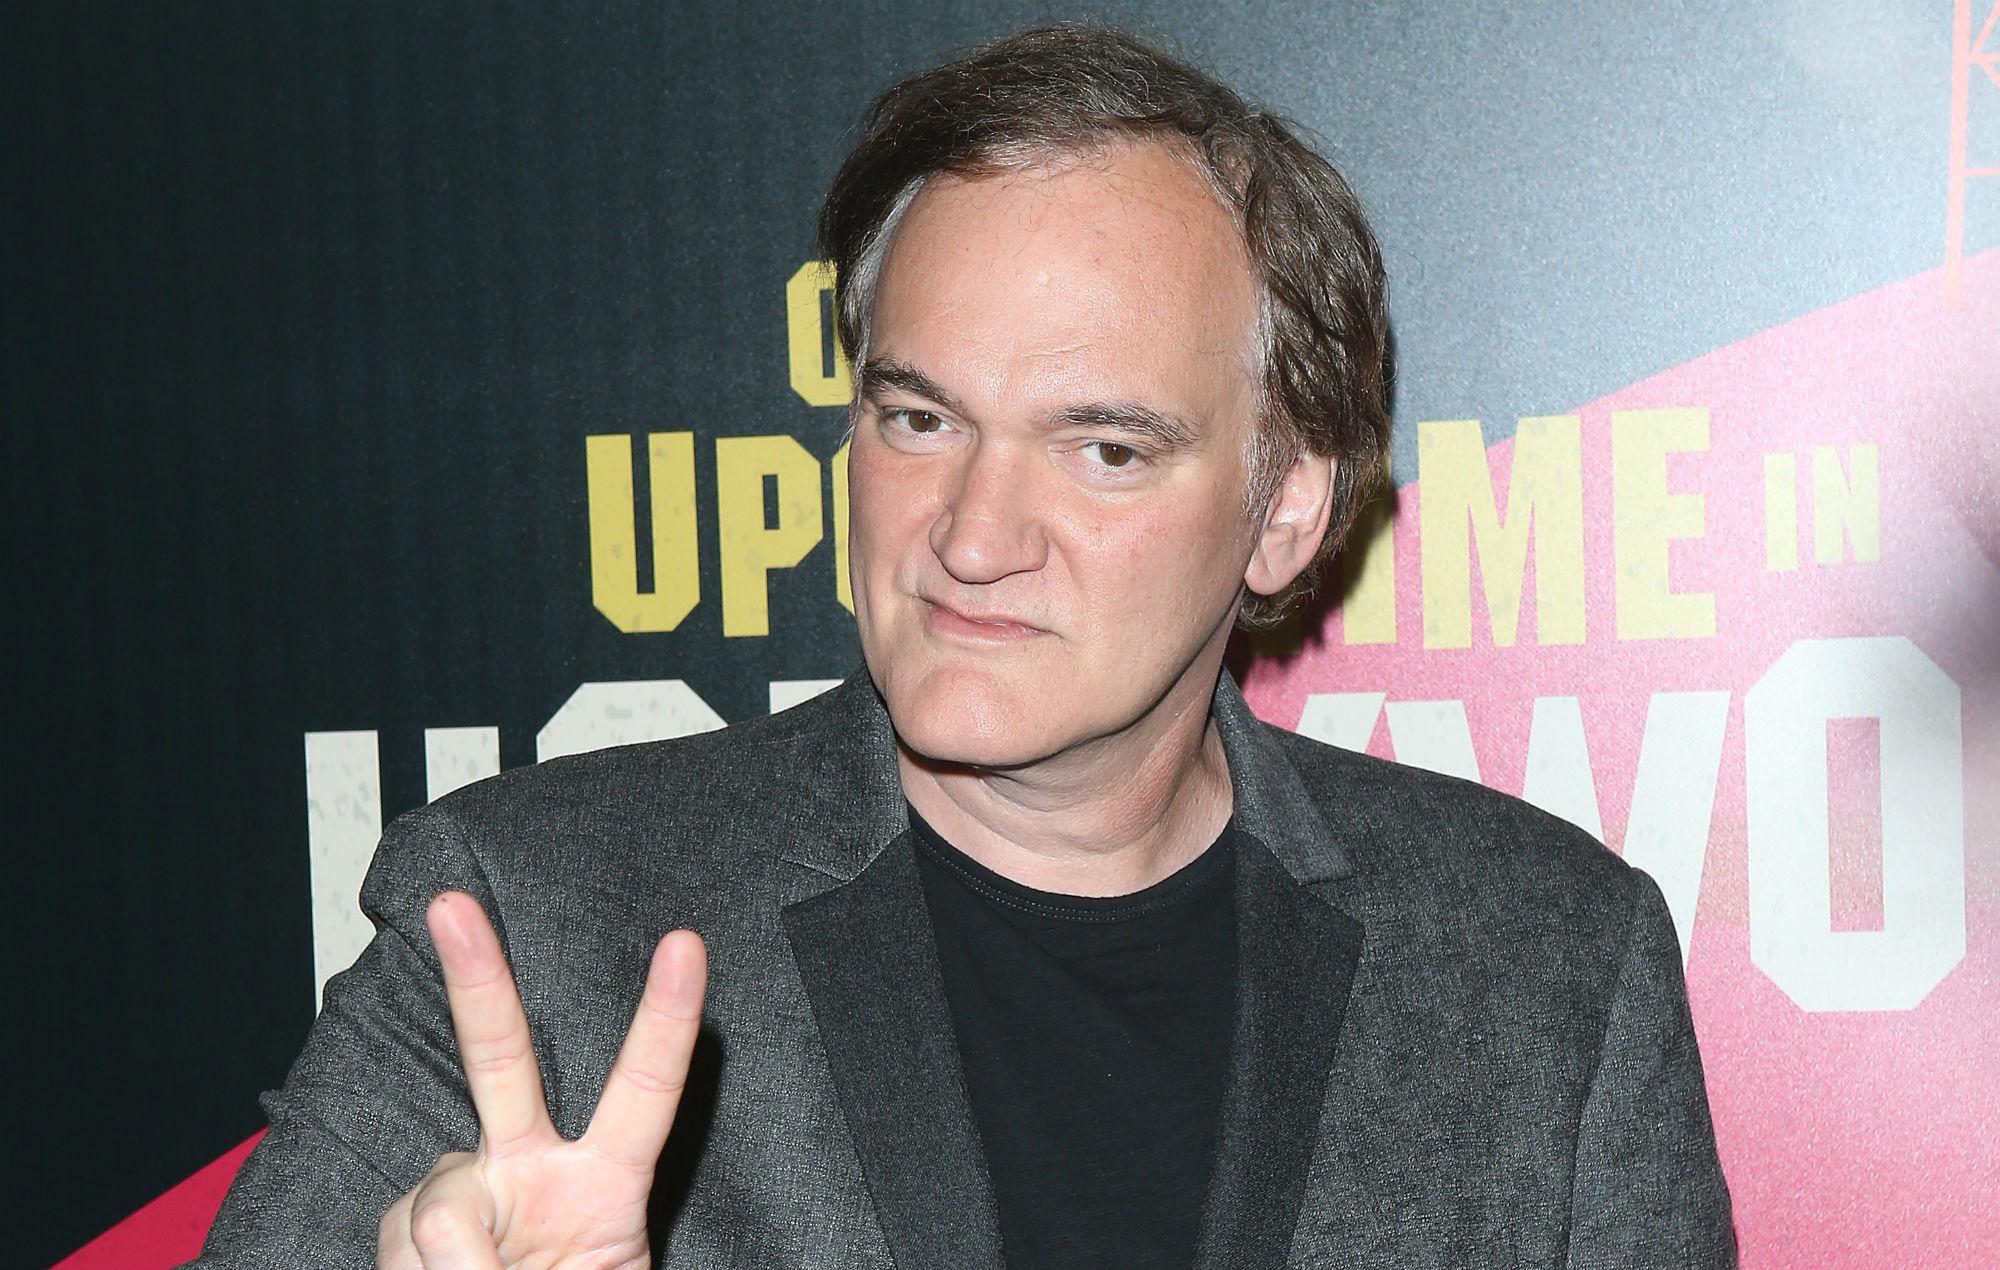 Αυτός είναι ο αγαπημένος ηθοποιός του Tarantino!